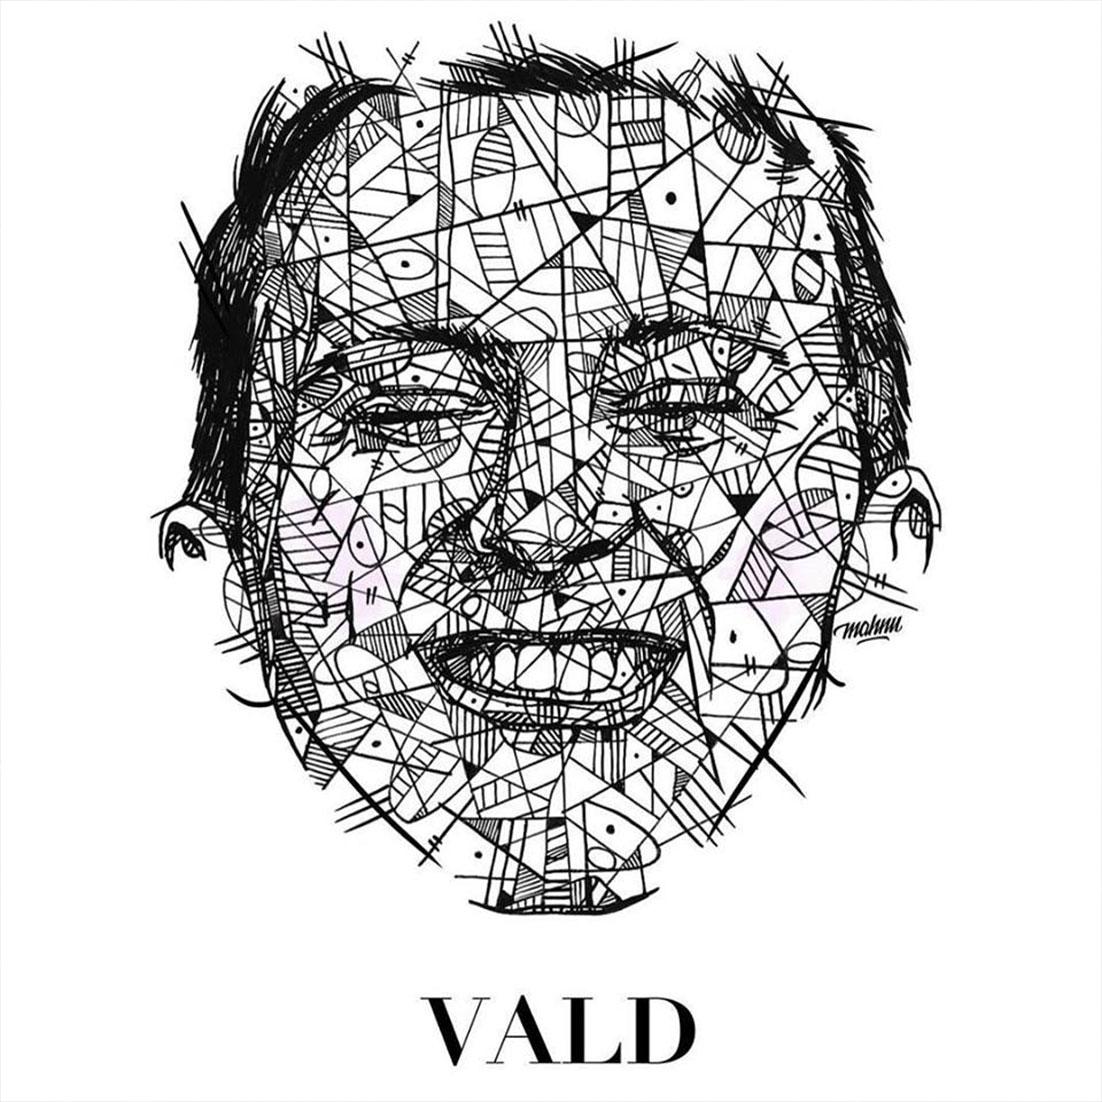 """Vald cover fans rap creation musique xeu visage graphisme - Les meilleures pochettes réalisées pour """"XEU"""", le nouvel album de Vald"""